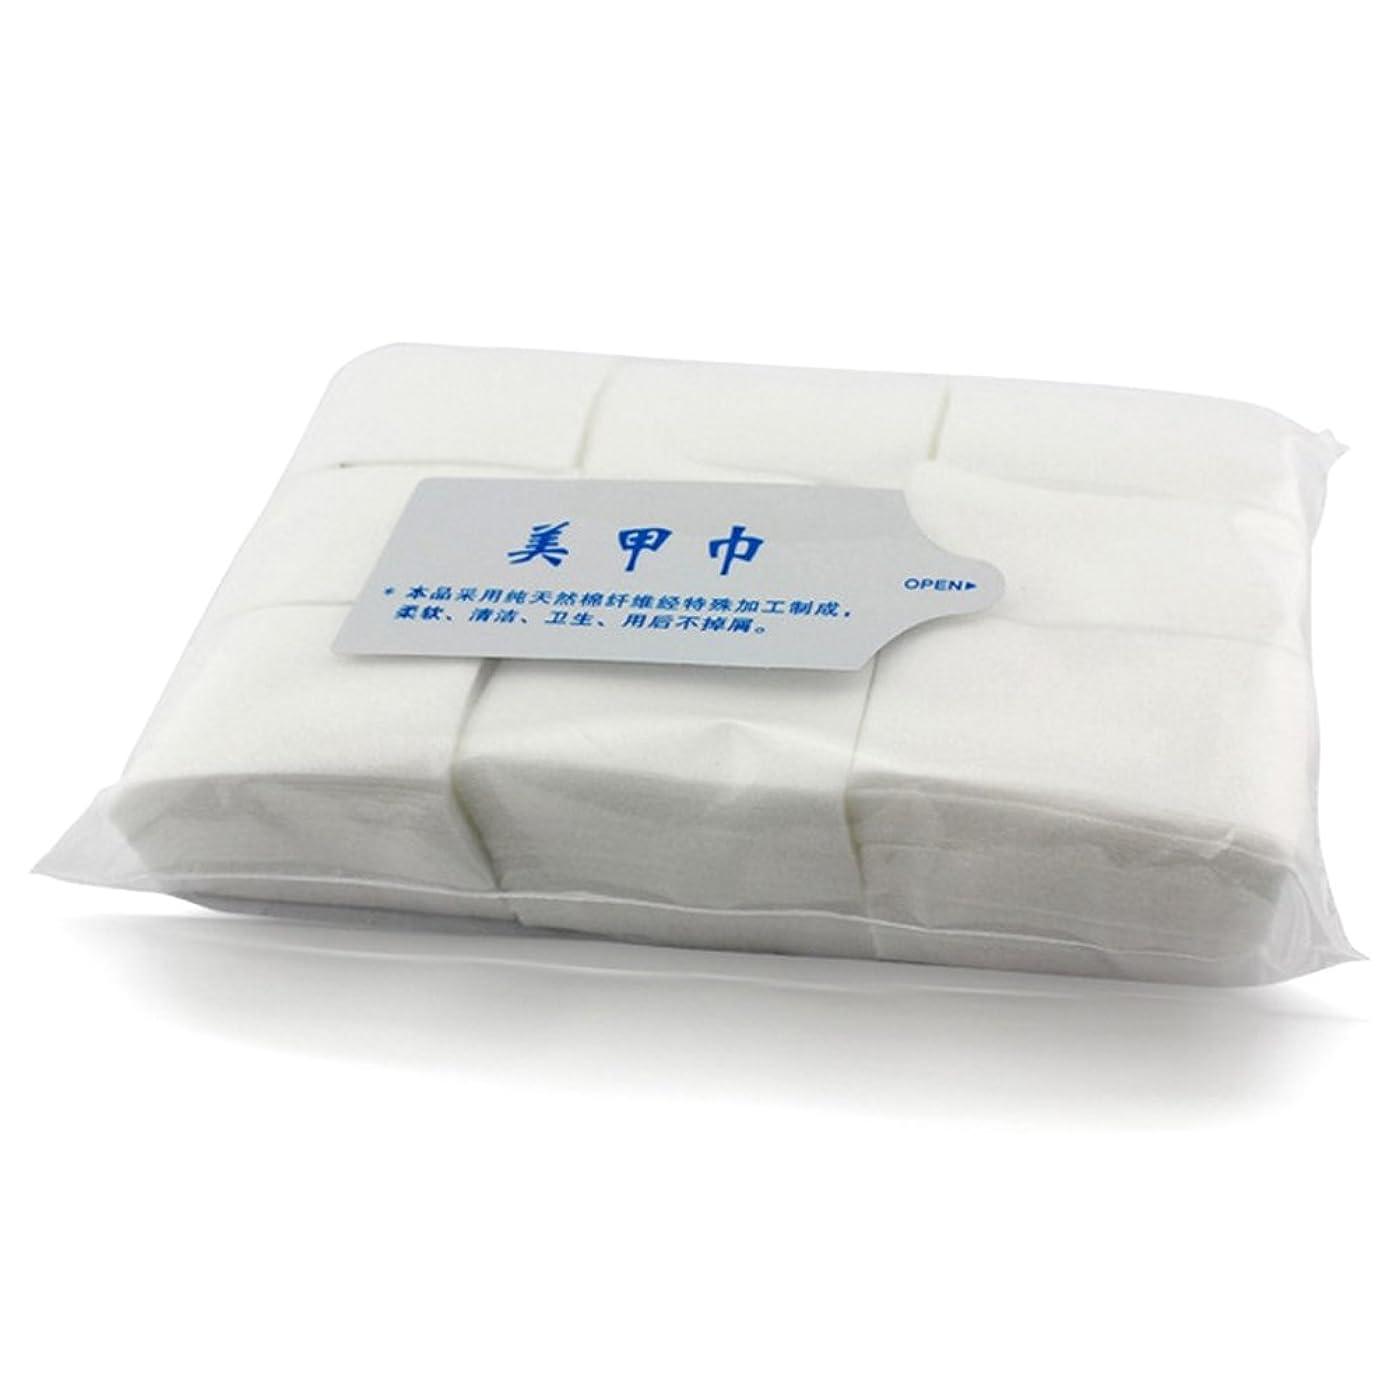 おとなしい制限する乱れネイルワイプ 天然素材不織布 900枚入り コットン ワイプ / ジェル ネイル マニュキア オフ